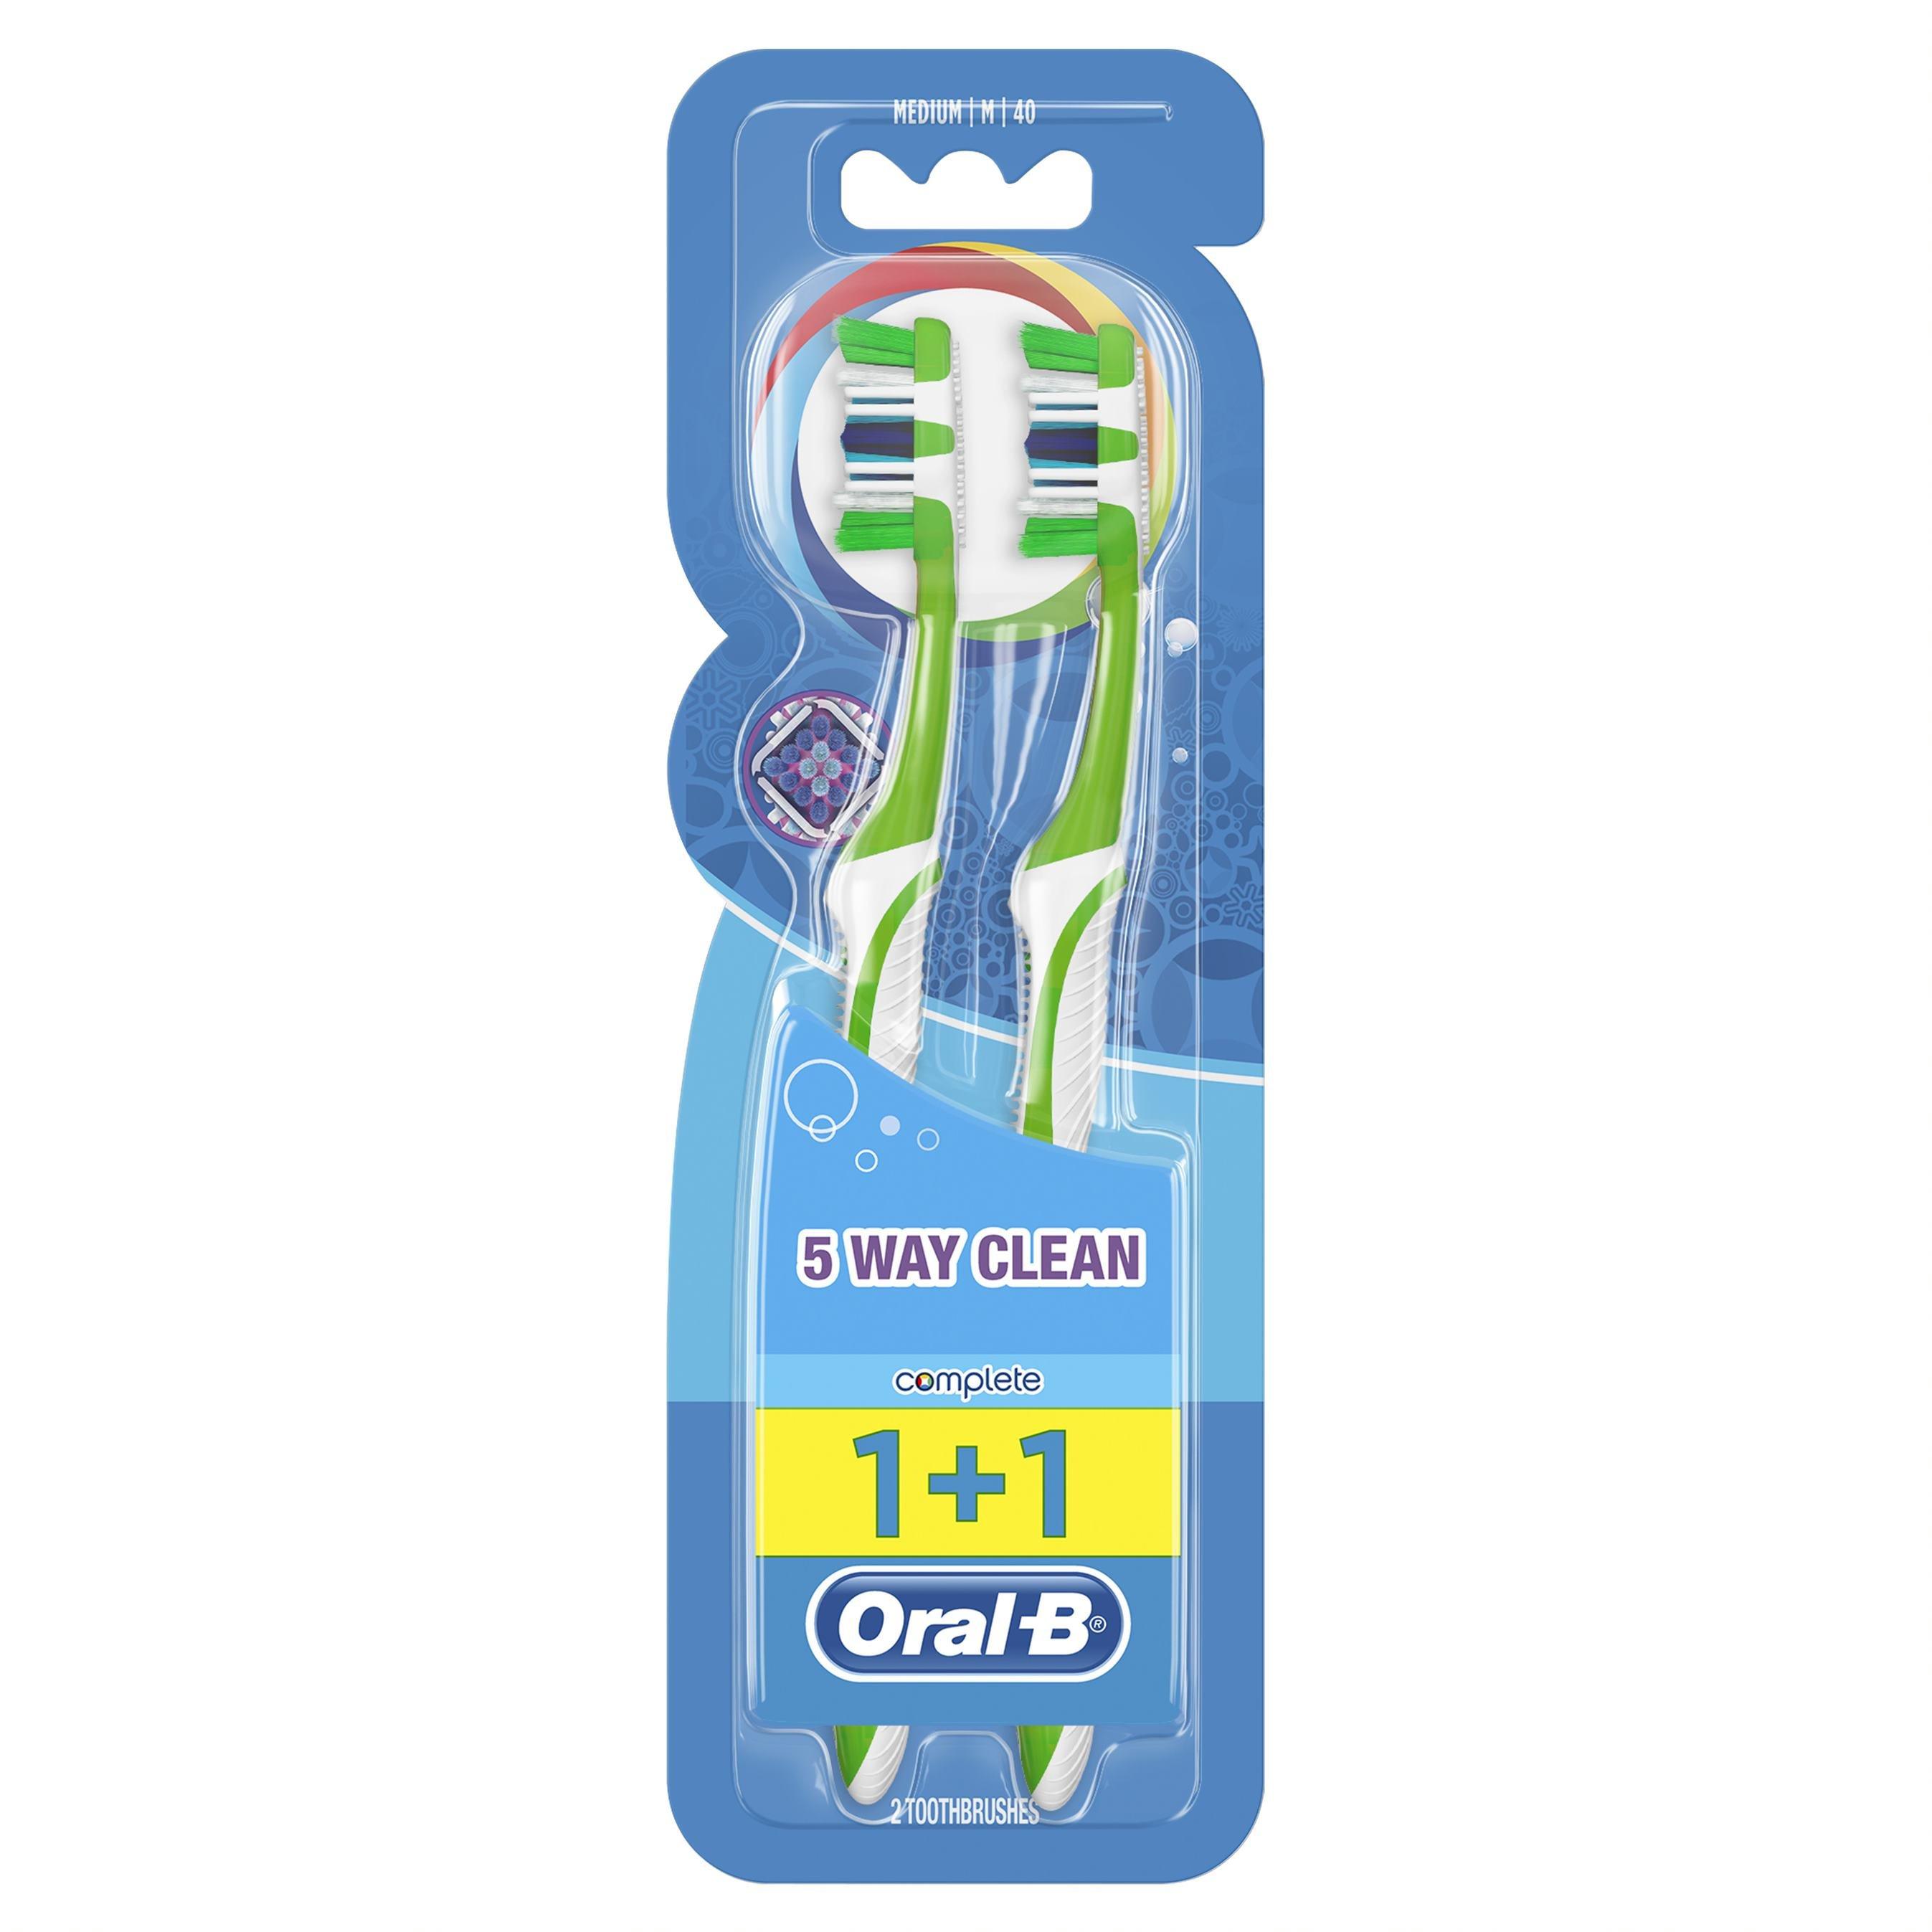 Oral-B Complete 5 Way Clean Οδοντόβουρτσα 40 Μέτρια 1+1 δώρο – Μωβ – Μωβ